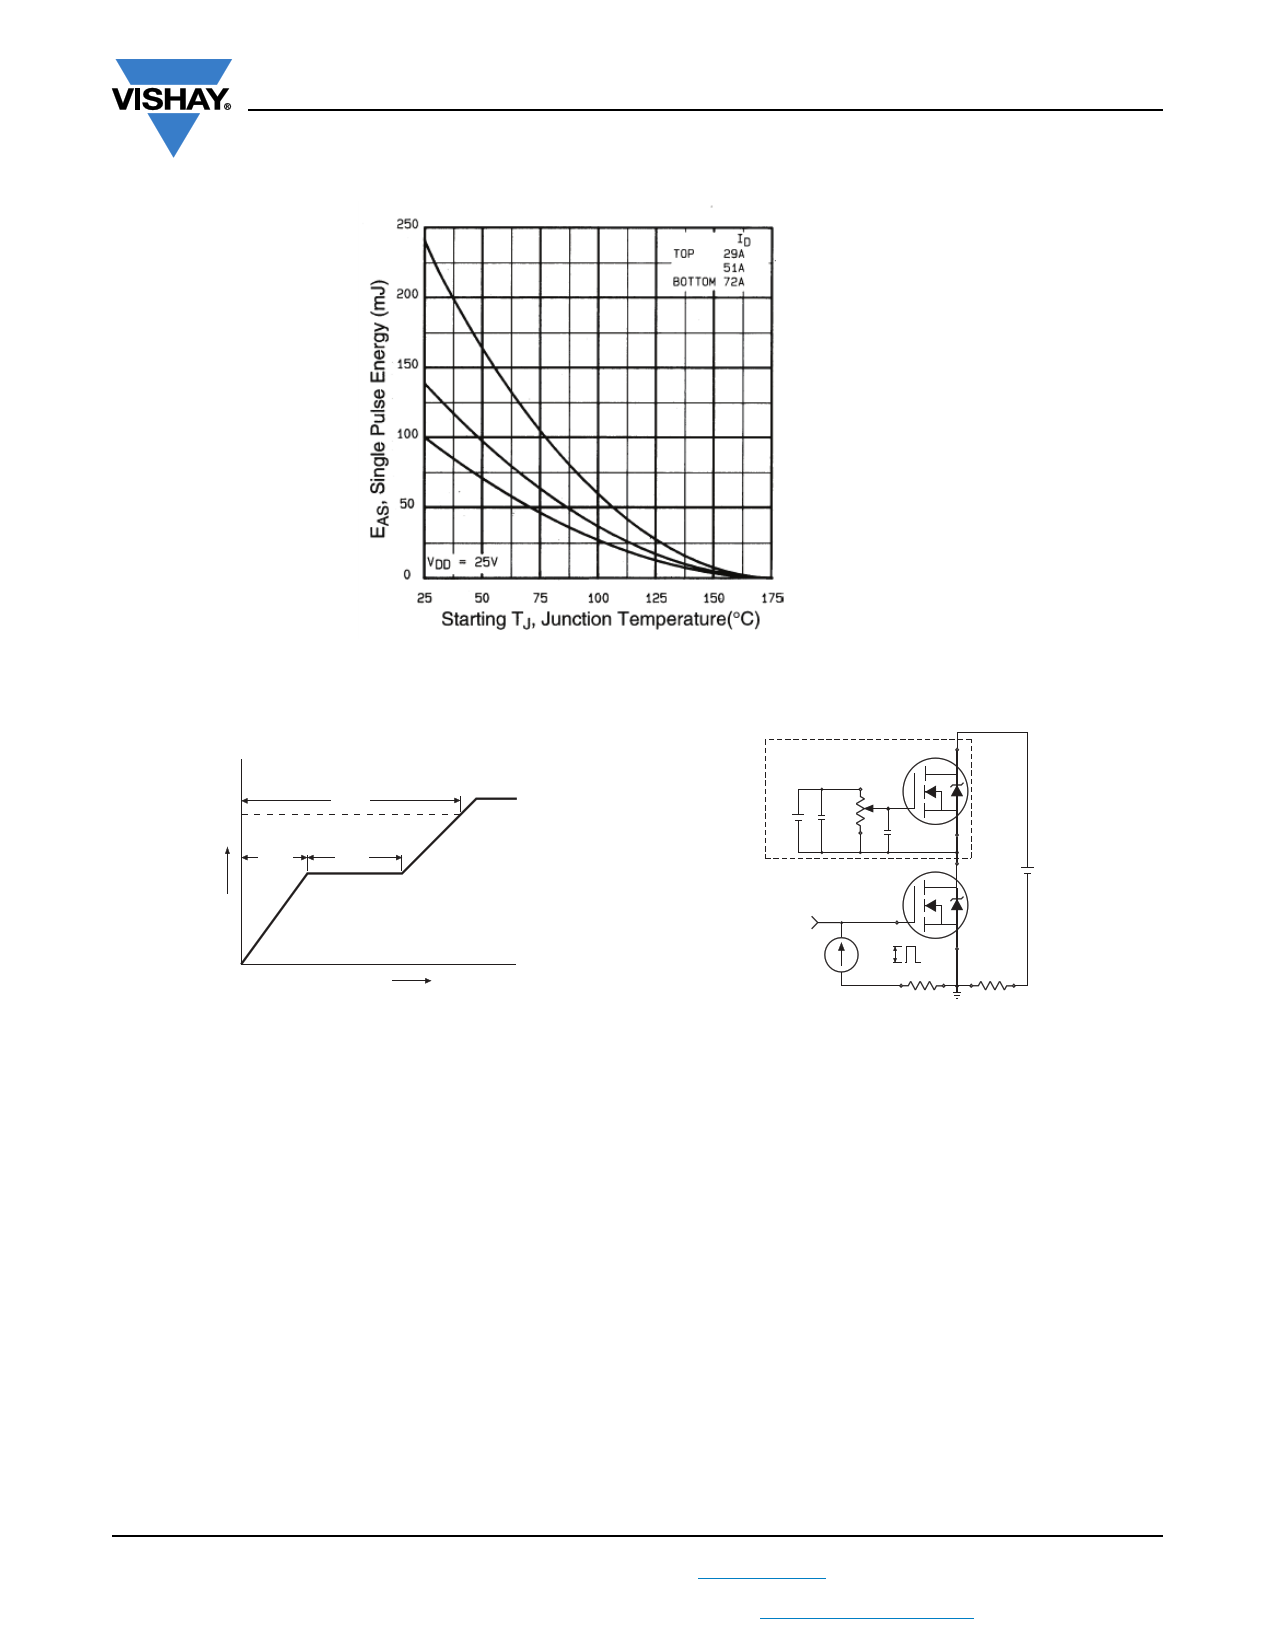 IRFZ48L 電子部品, 半導体